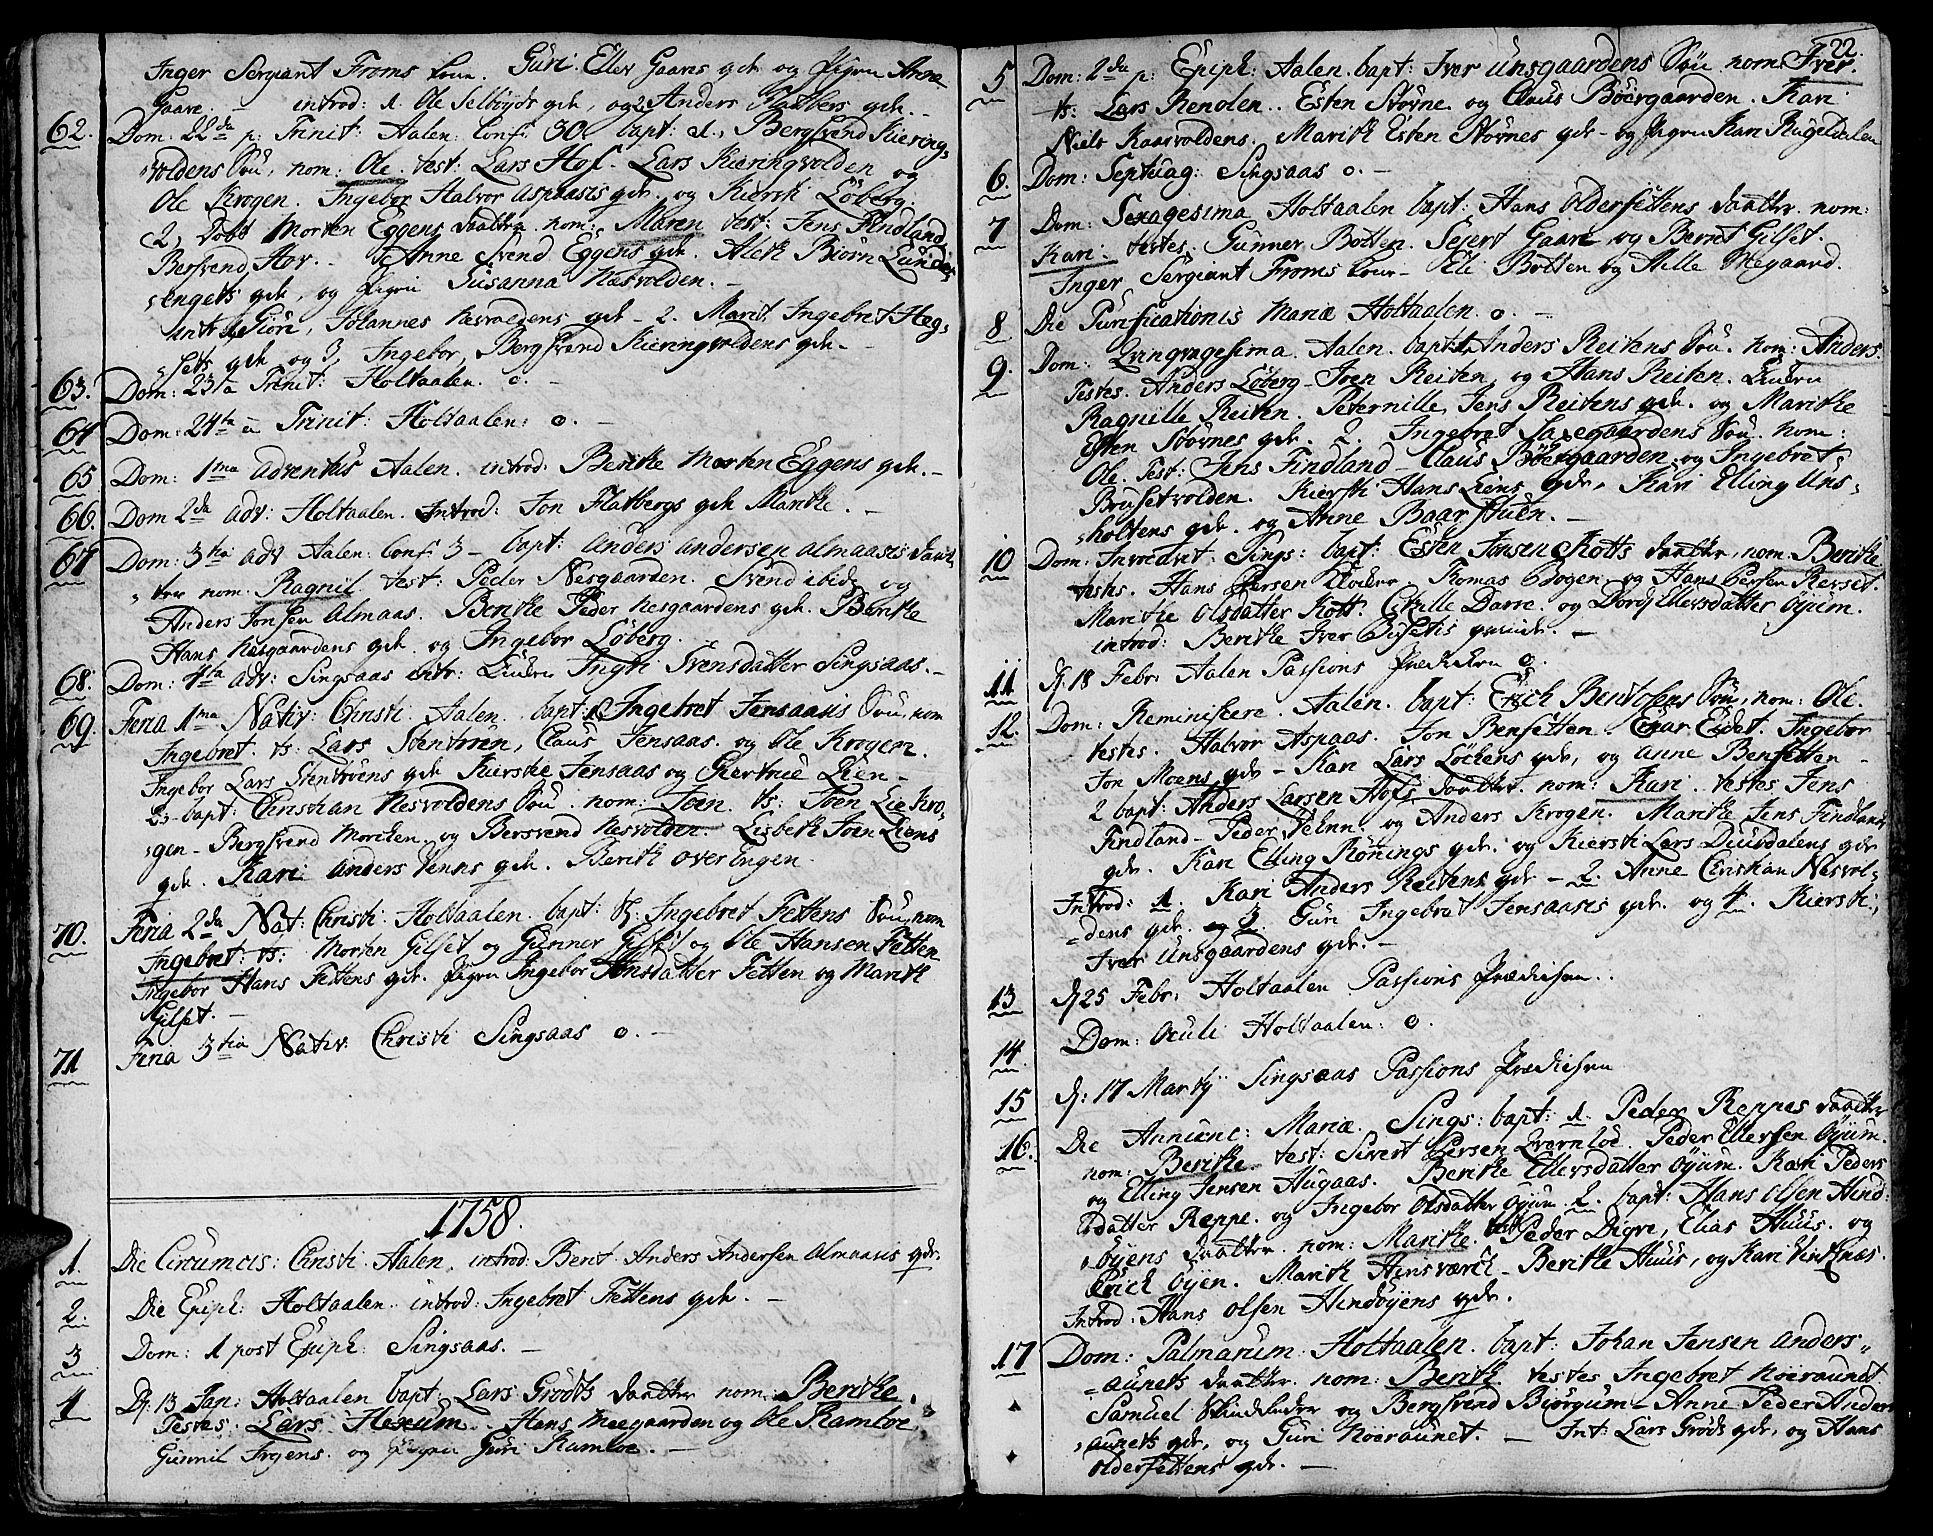 SAT, Ministerialprotokoller, klokkerbøker og fødselsregistre - Sør-Trøndelag, 685/L0952: Ministerialbok nr. 685A01, 1745-1804, s. 22